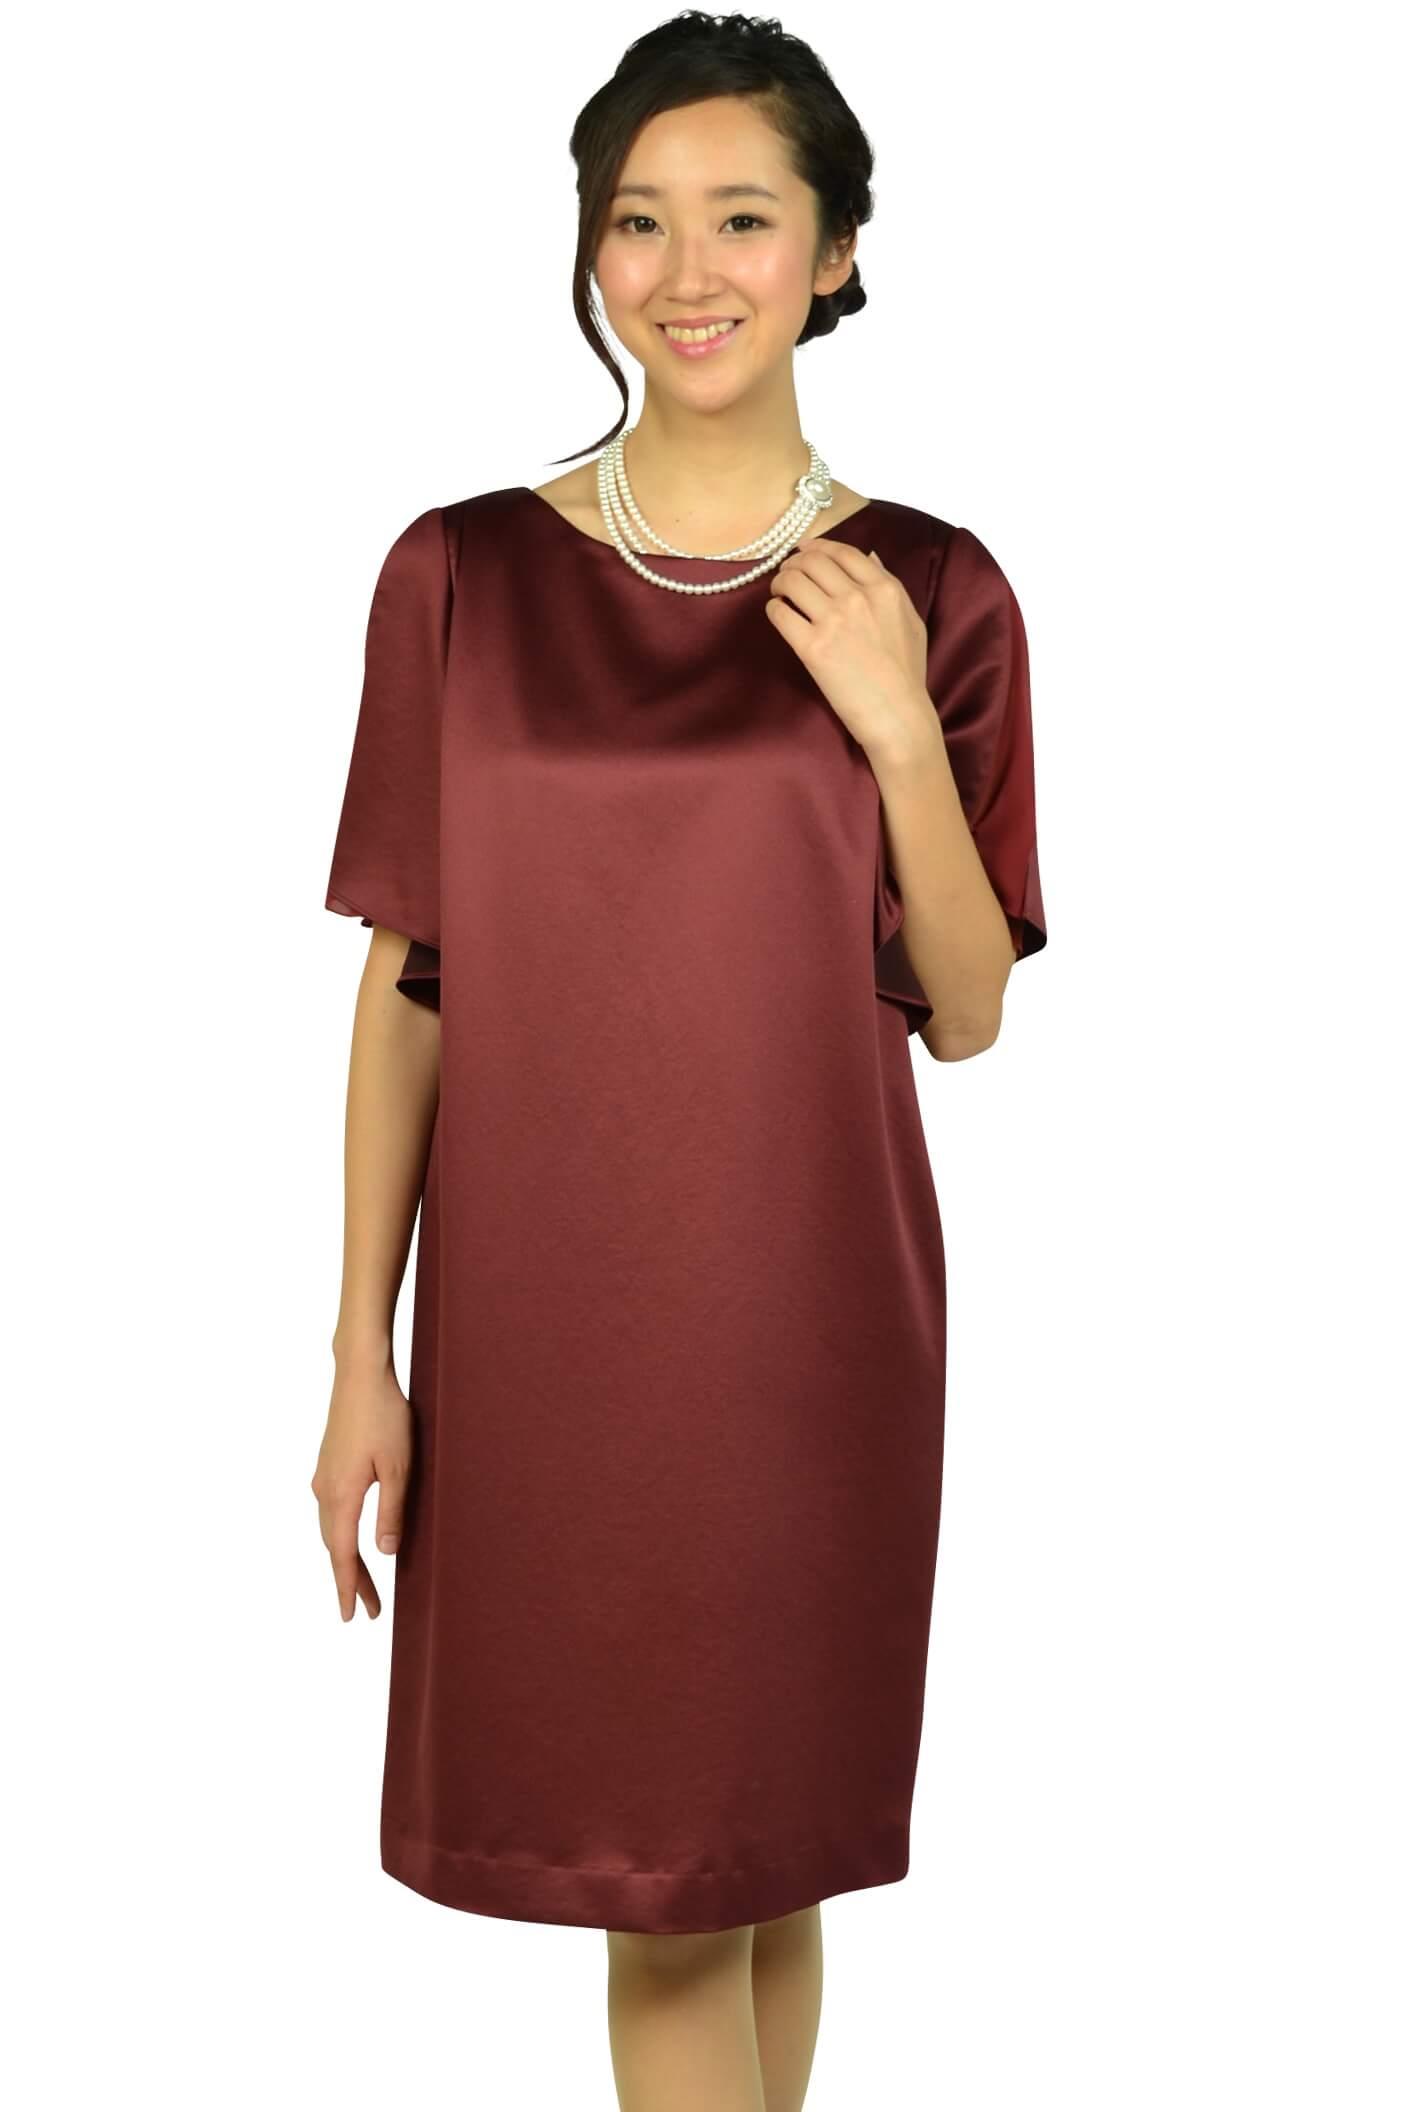 アンタイトル (UNTITLED) 光沢ボルドーゆったりドレス